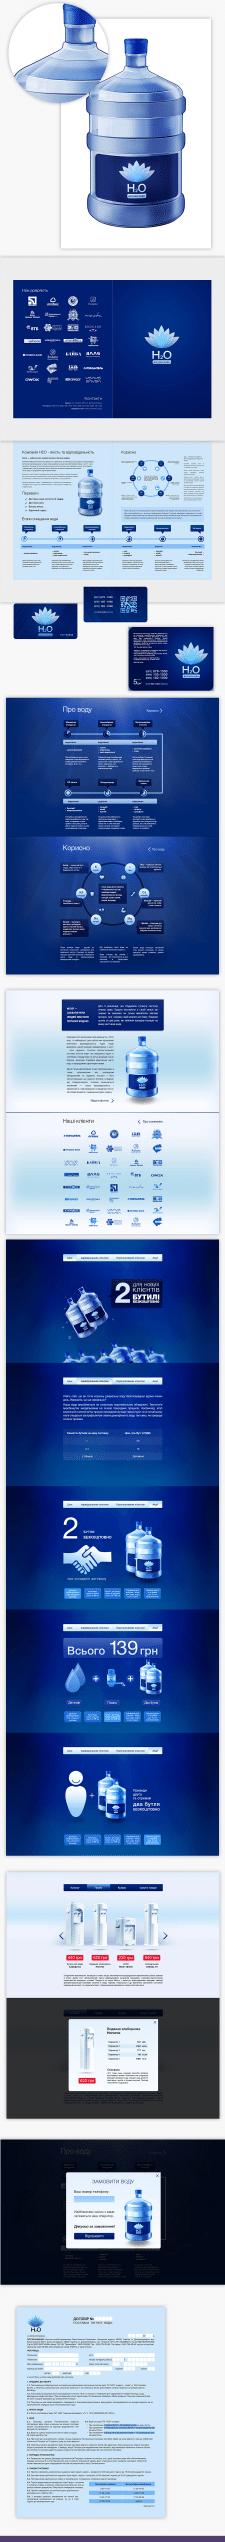 Сайт, векторная иллюстрация, печатная продукция